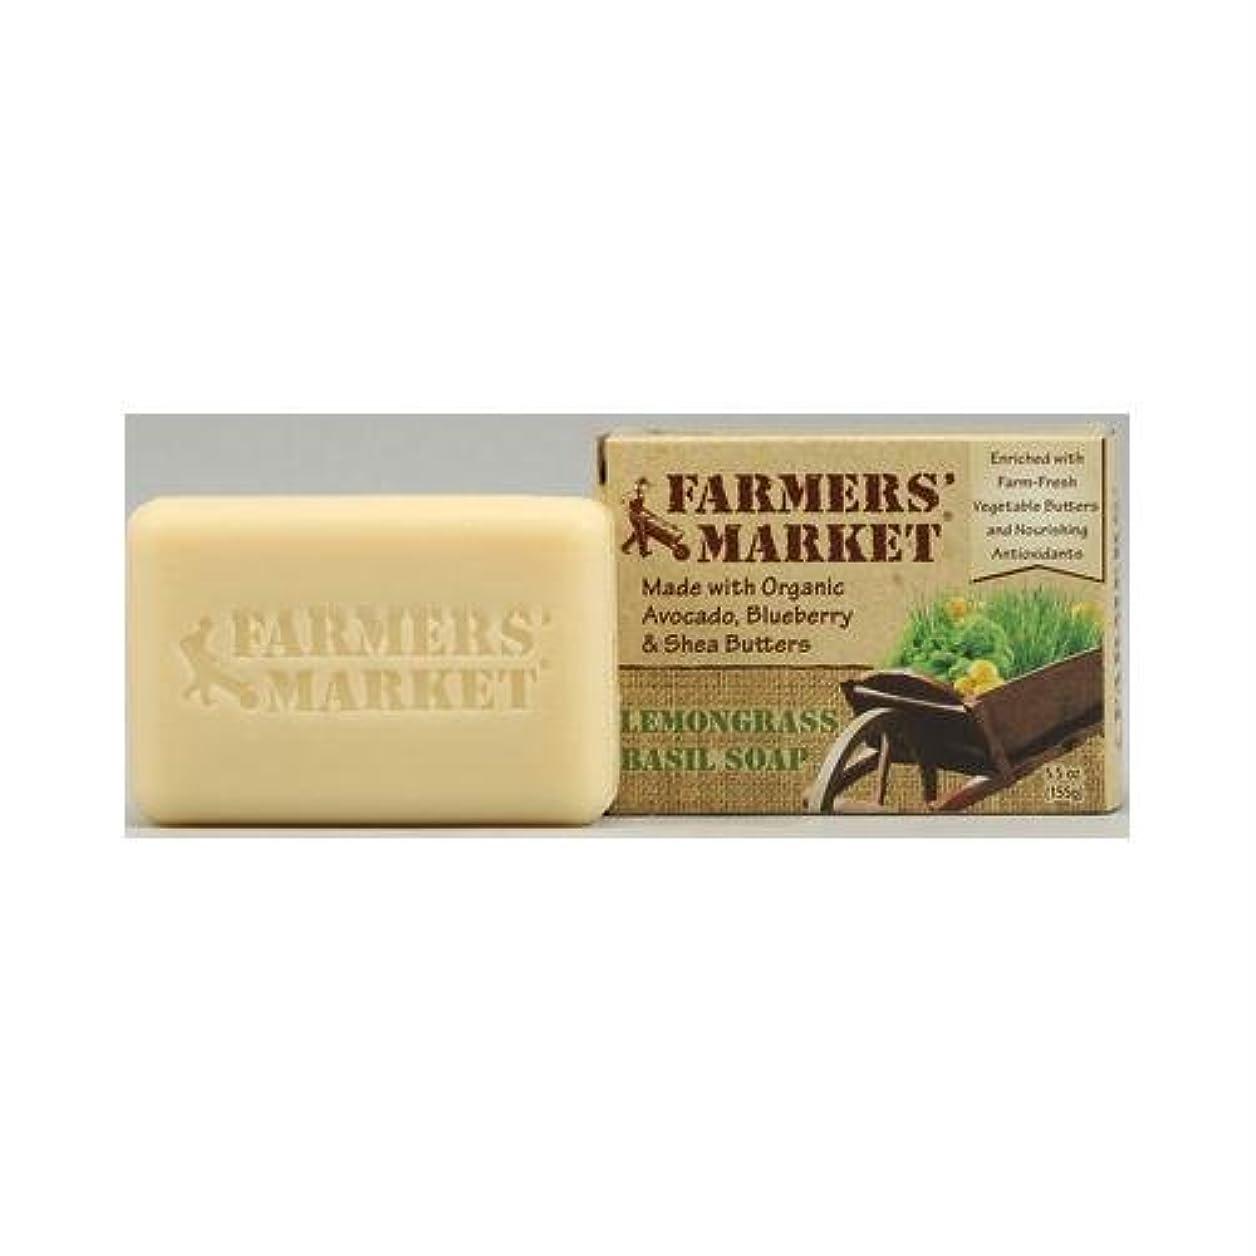 いいねセットアップリラックスしたNatural Bar Soap Lemongrass Basil - 5.5 oz by Farmer's Market